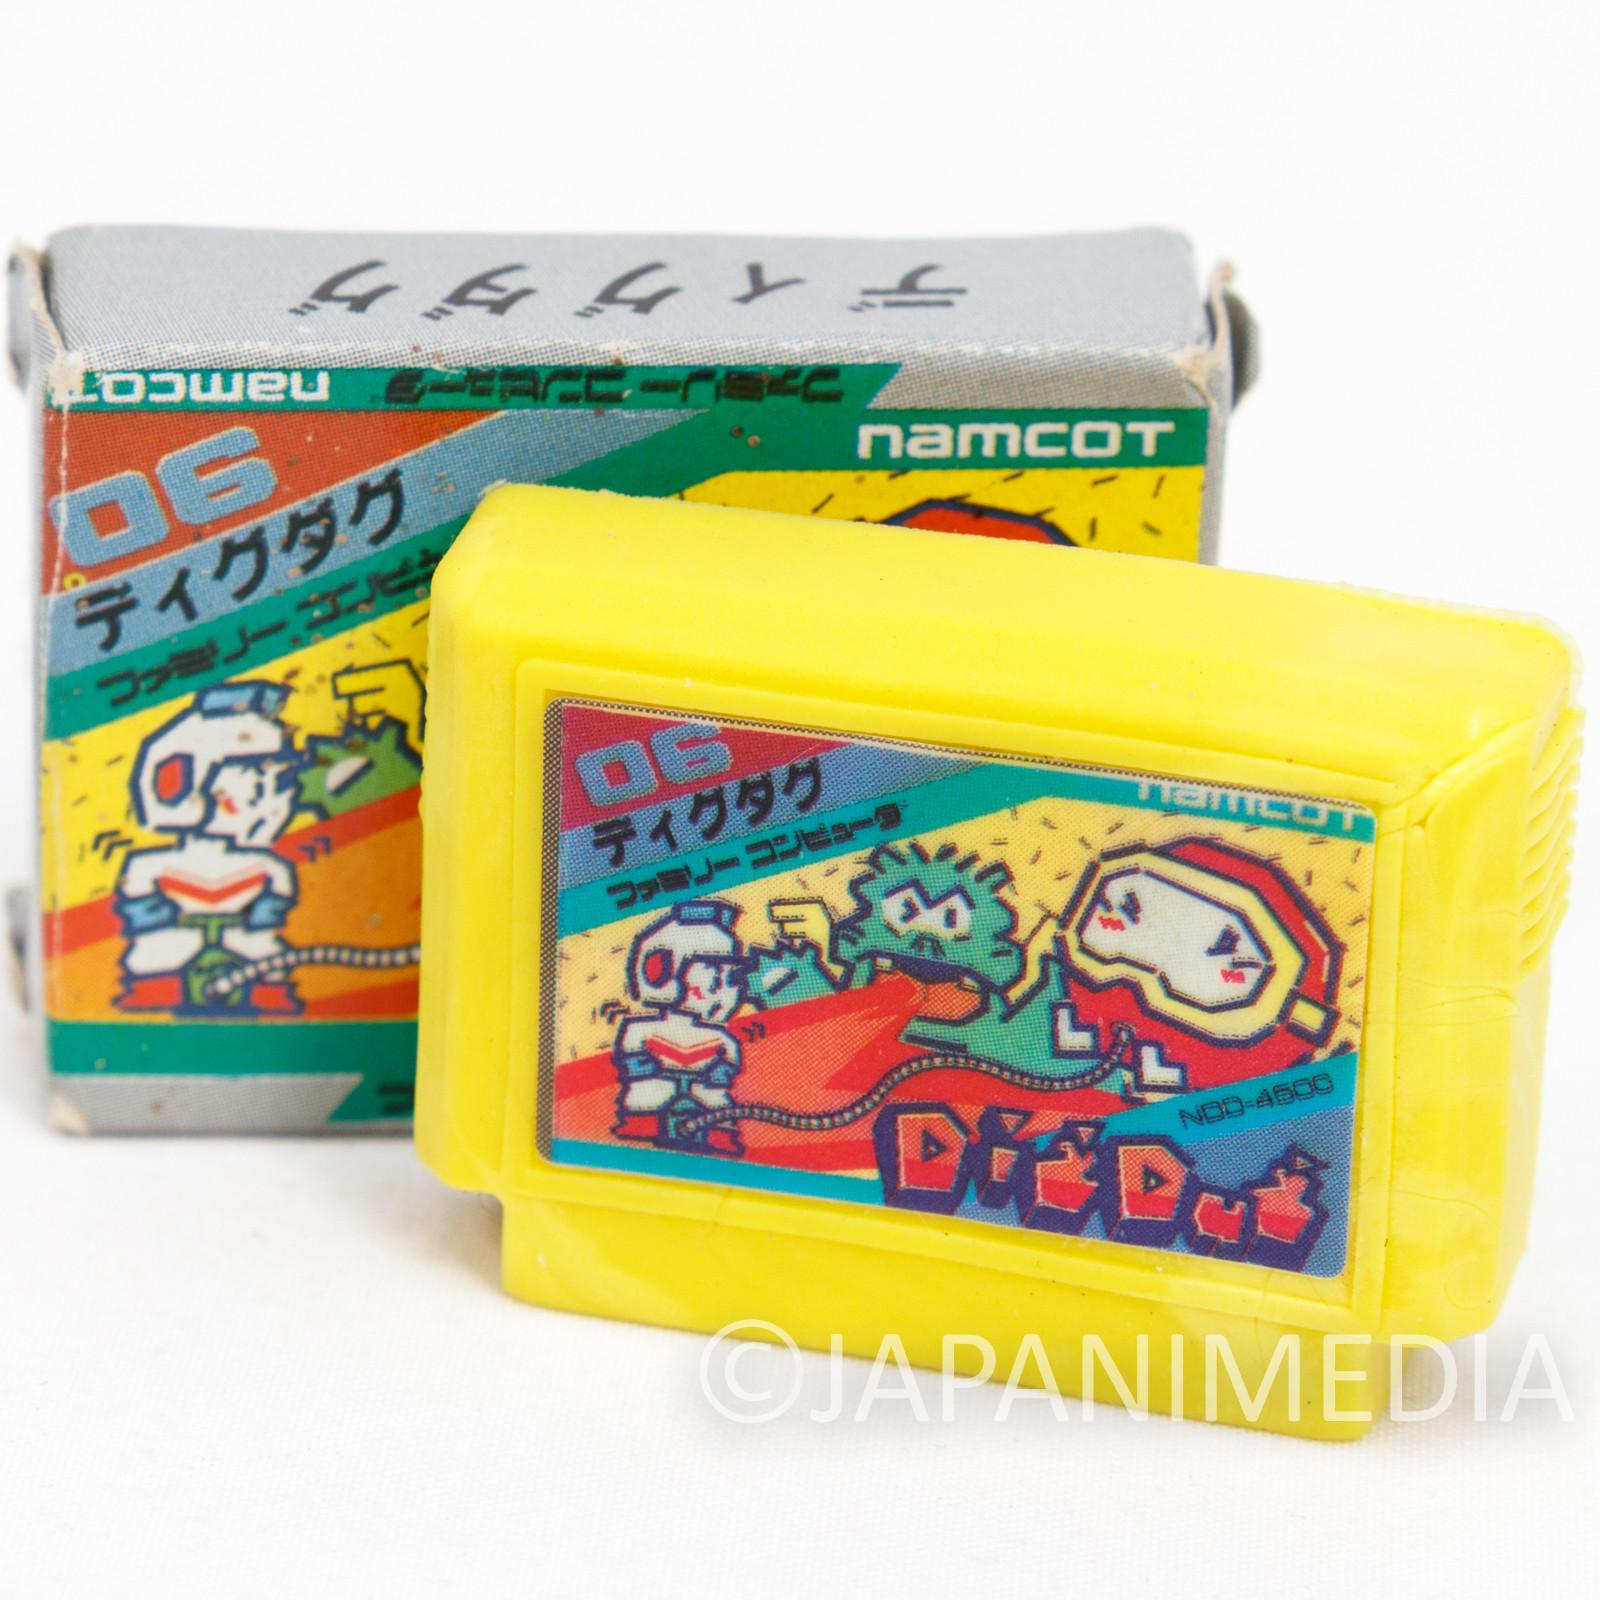 Dig Dug Cassette Mini Eraser AMADA JAPAN FAMICOM NES MAMCO Nintendo